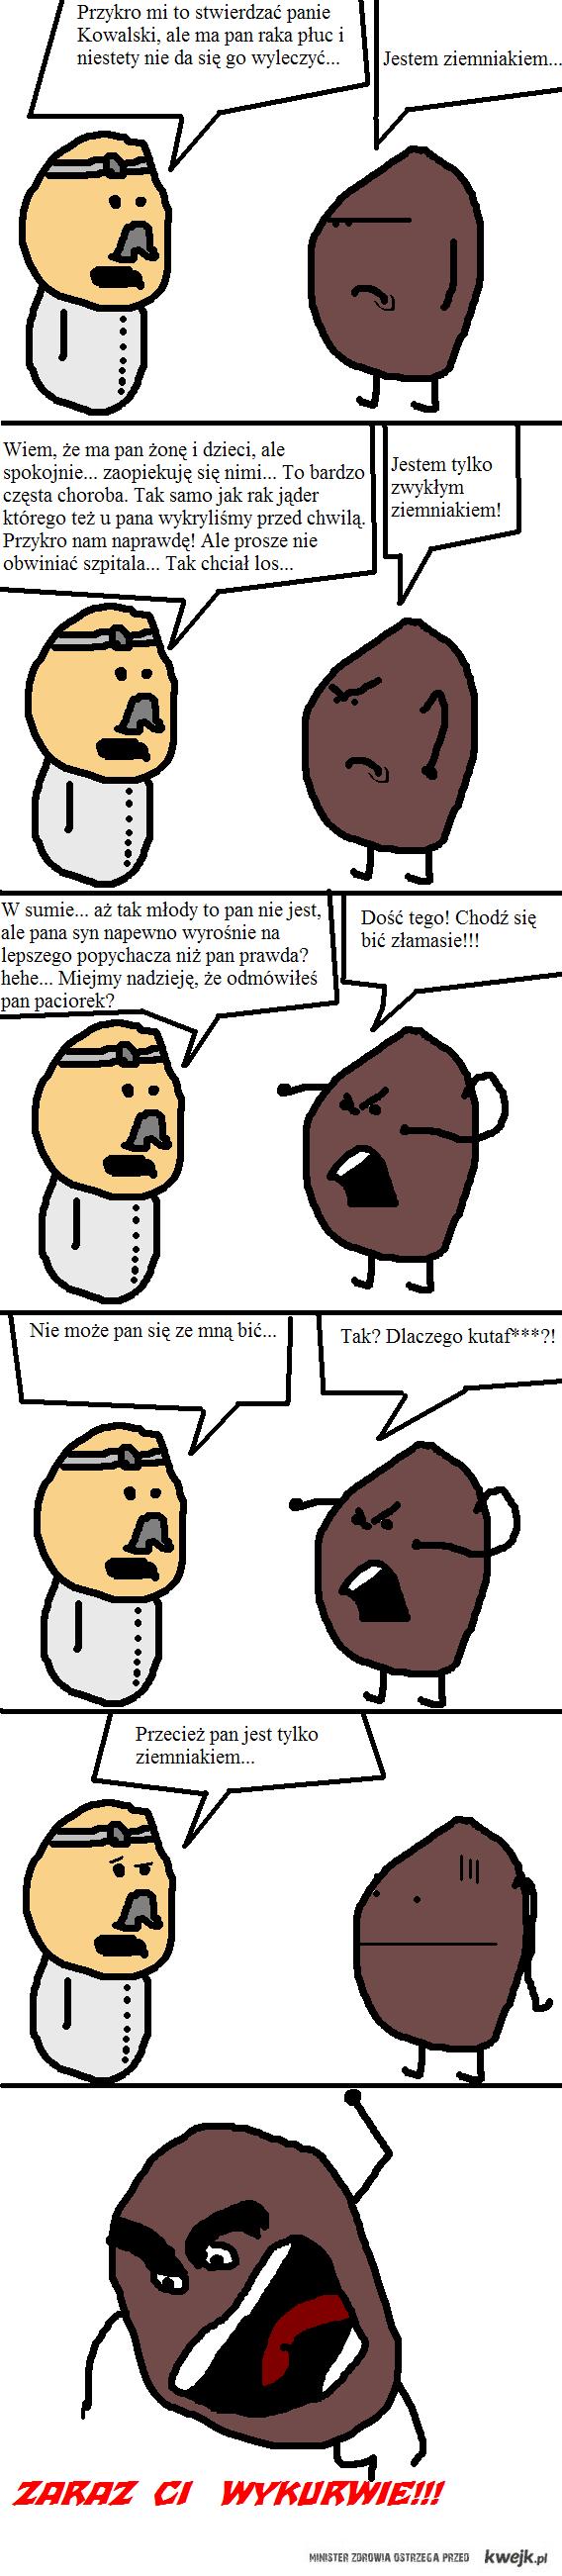 Ziemniak u lekarza